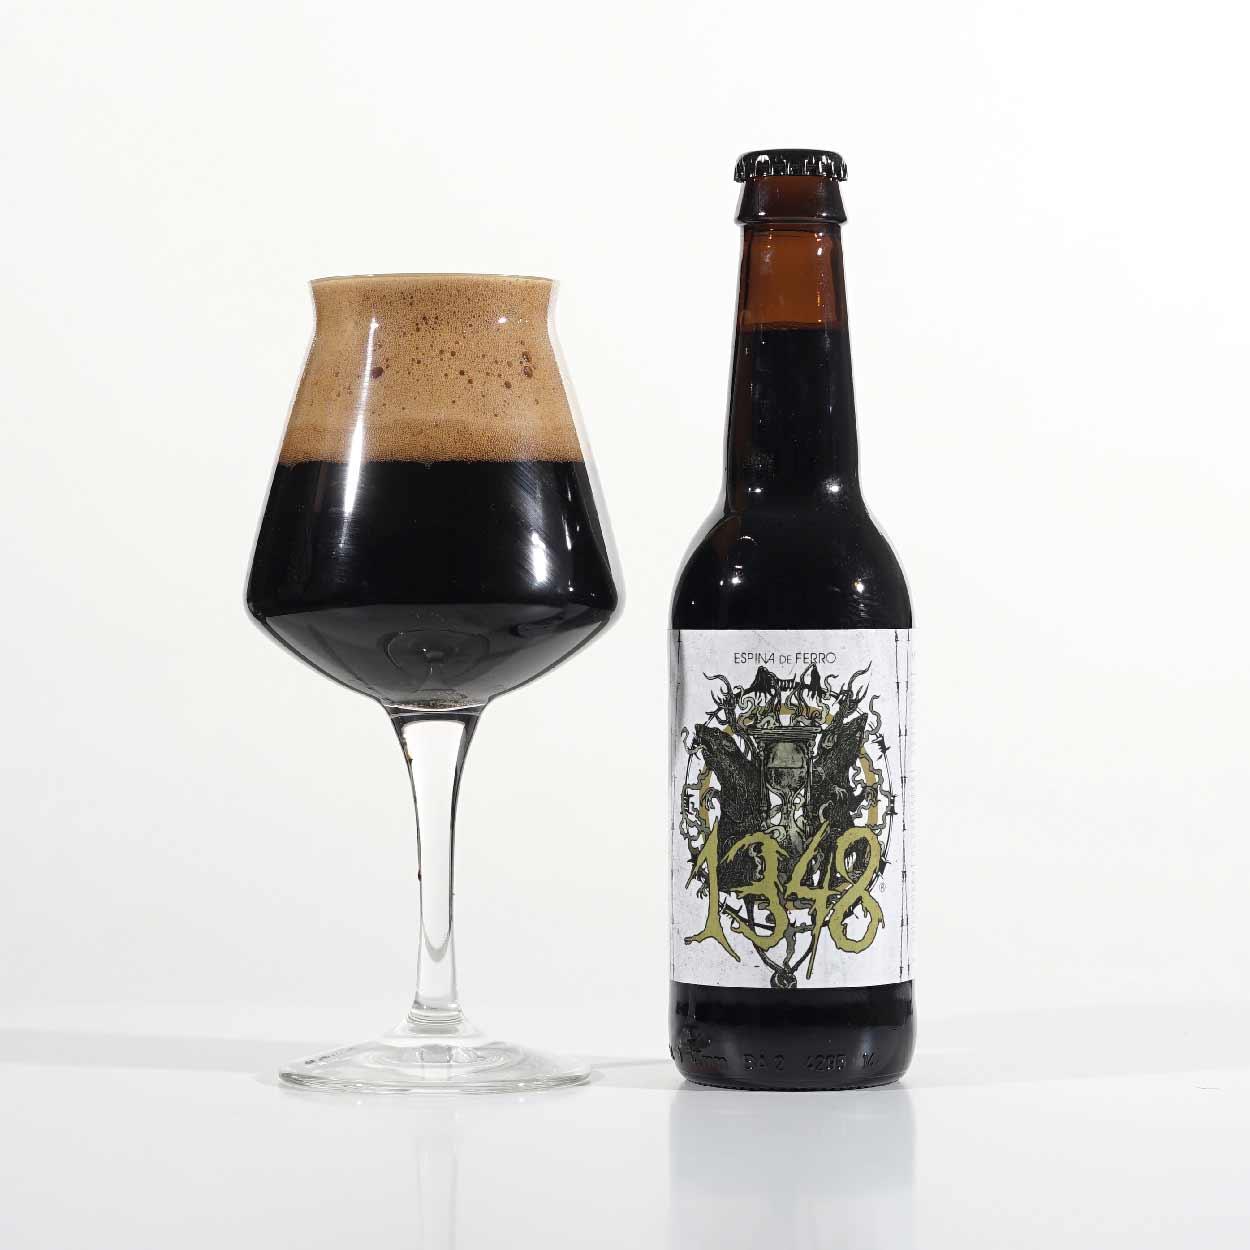 Cervesa 1348 - Espina de Ferro ®